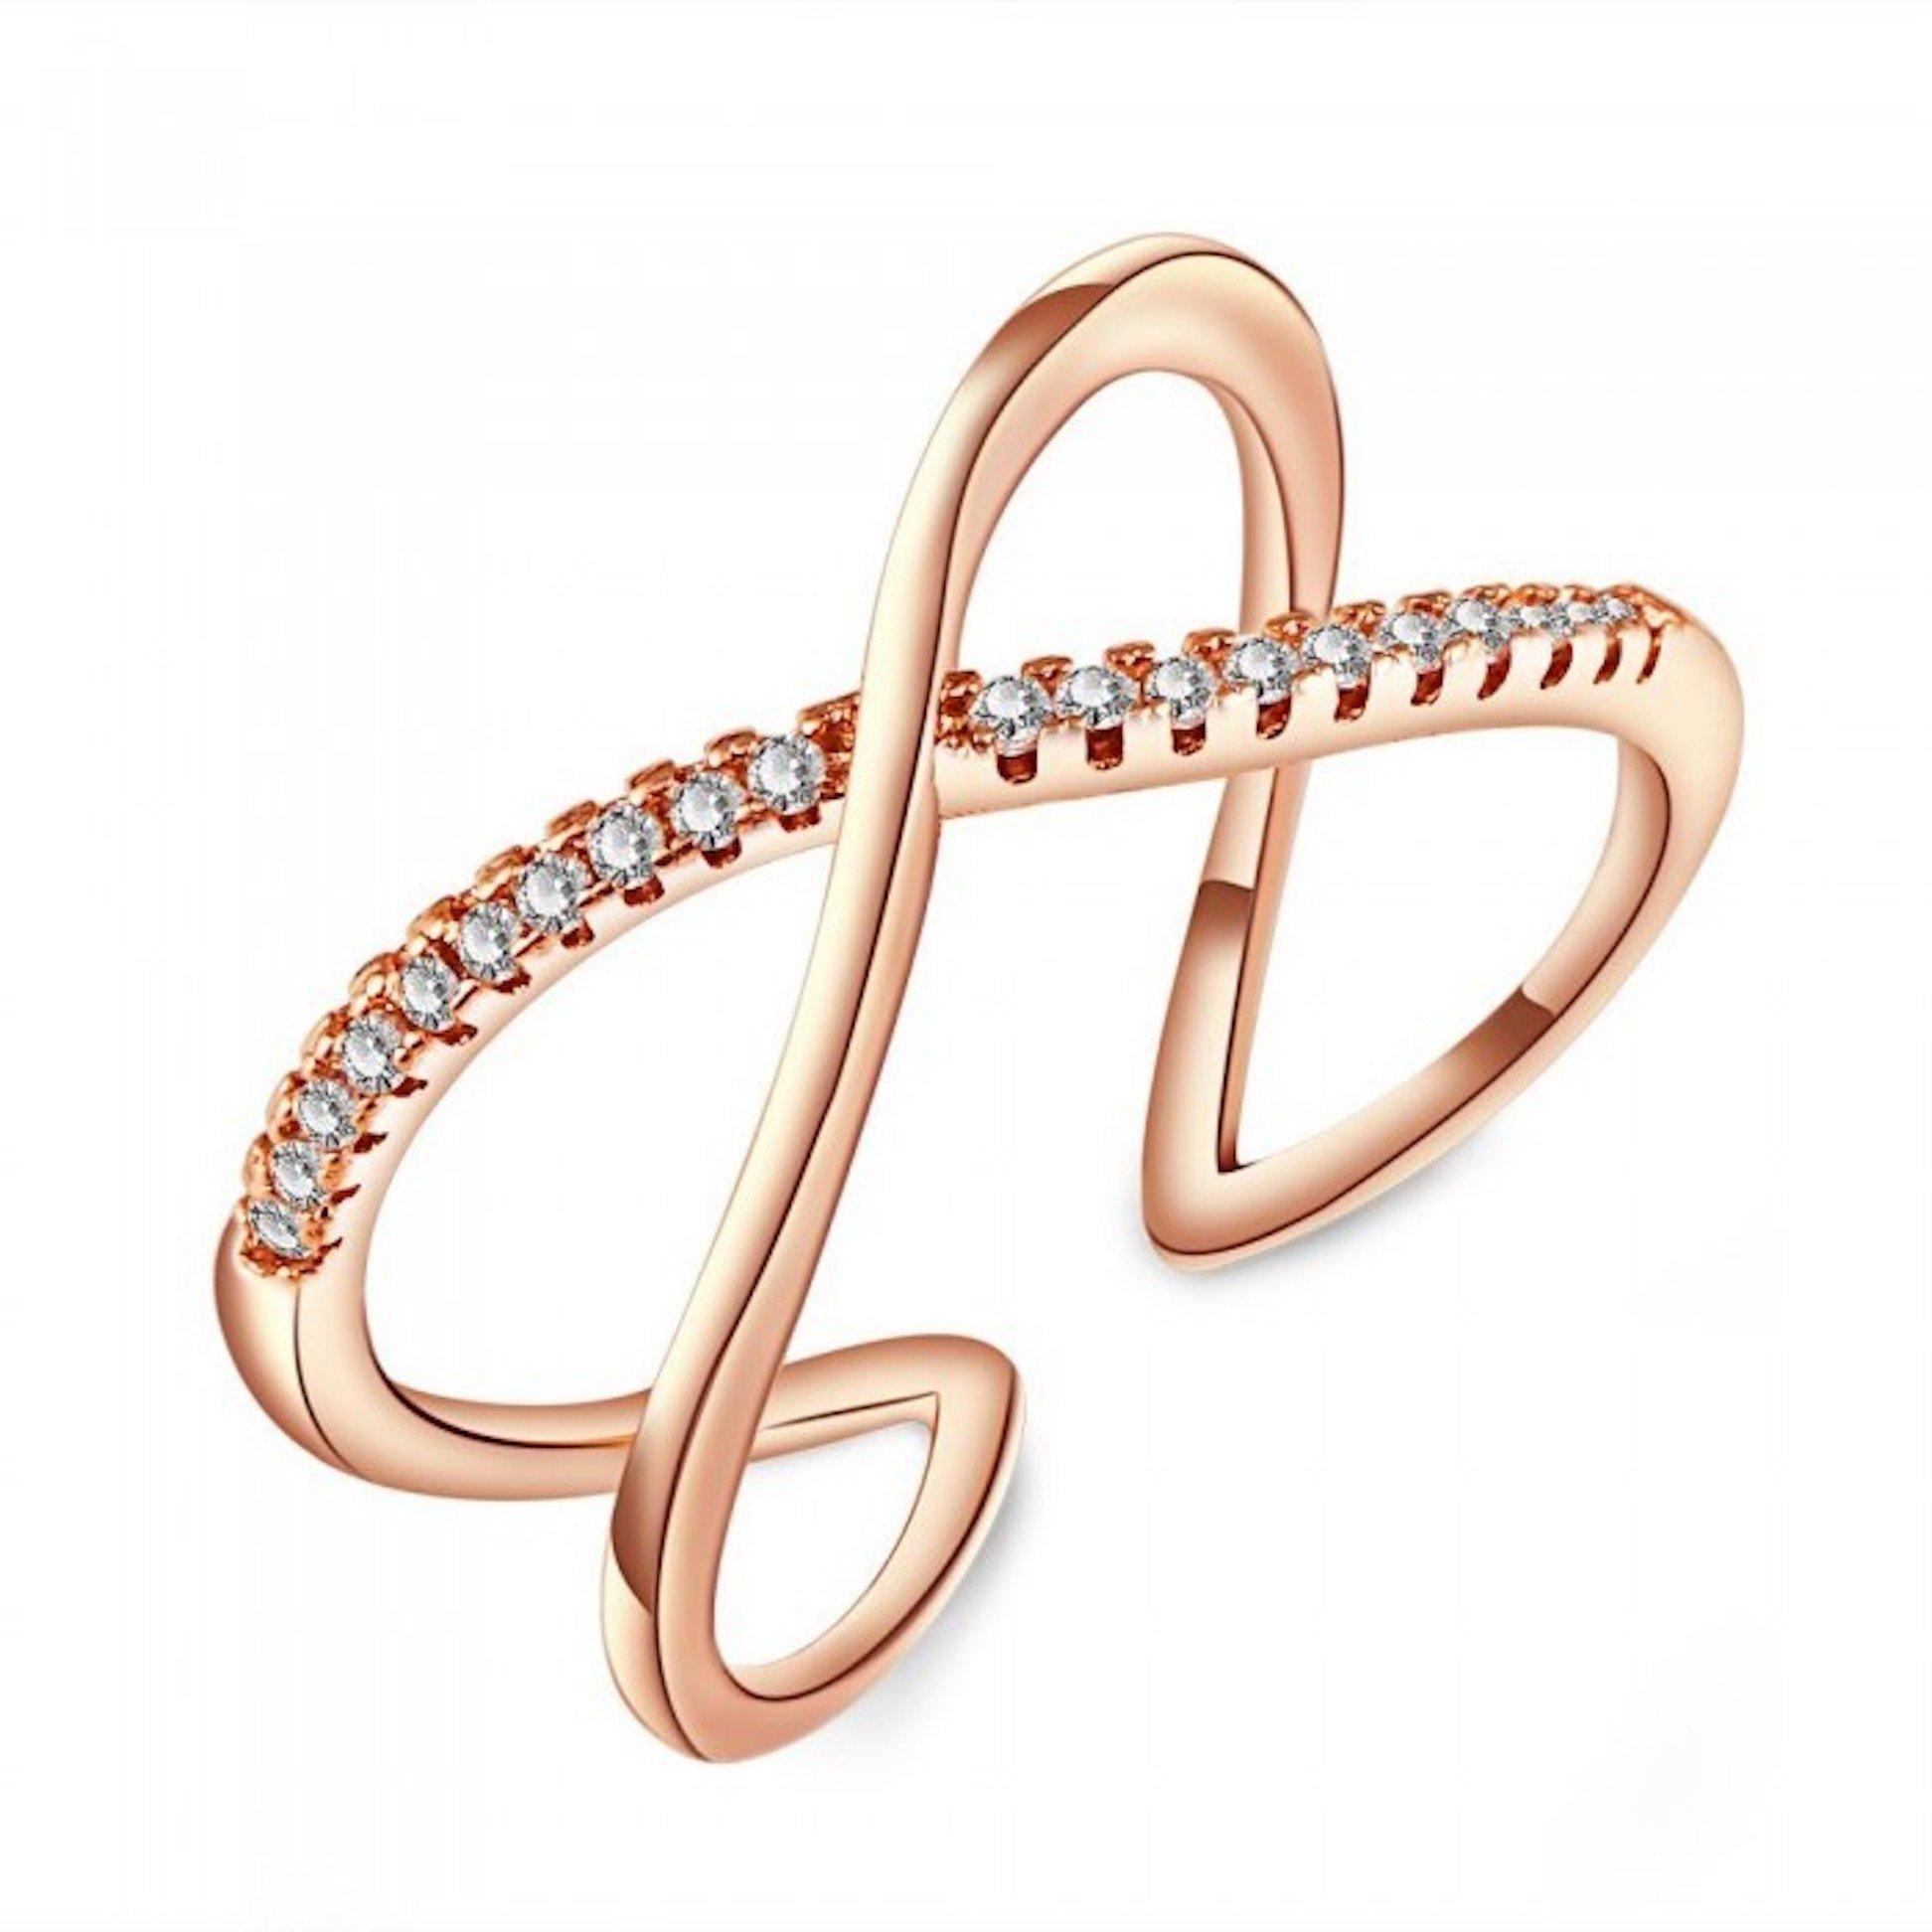 Blush and Bar Nadia X Infinity Ring (Rose)